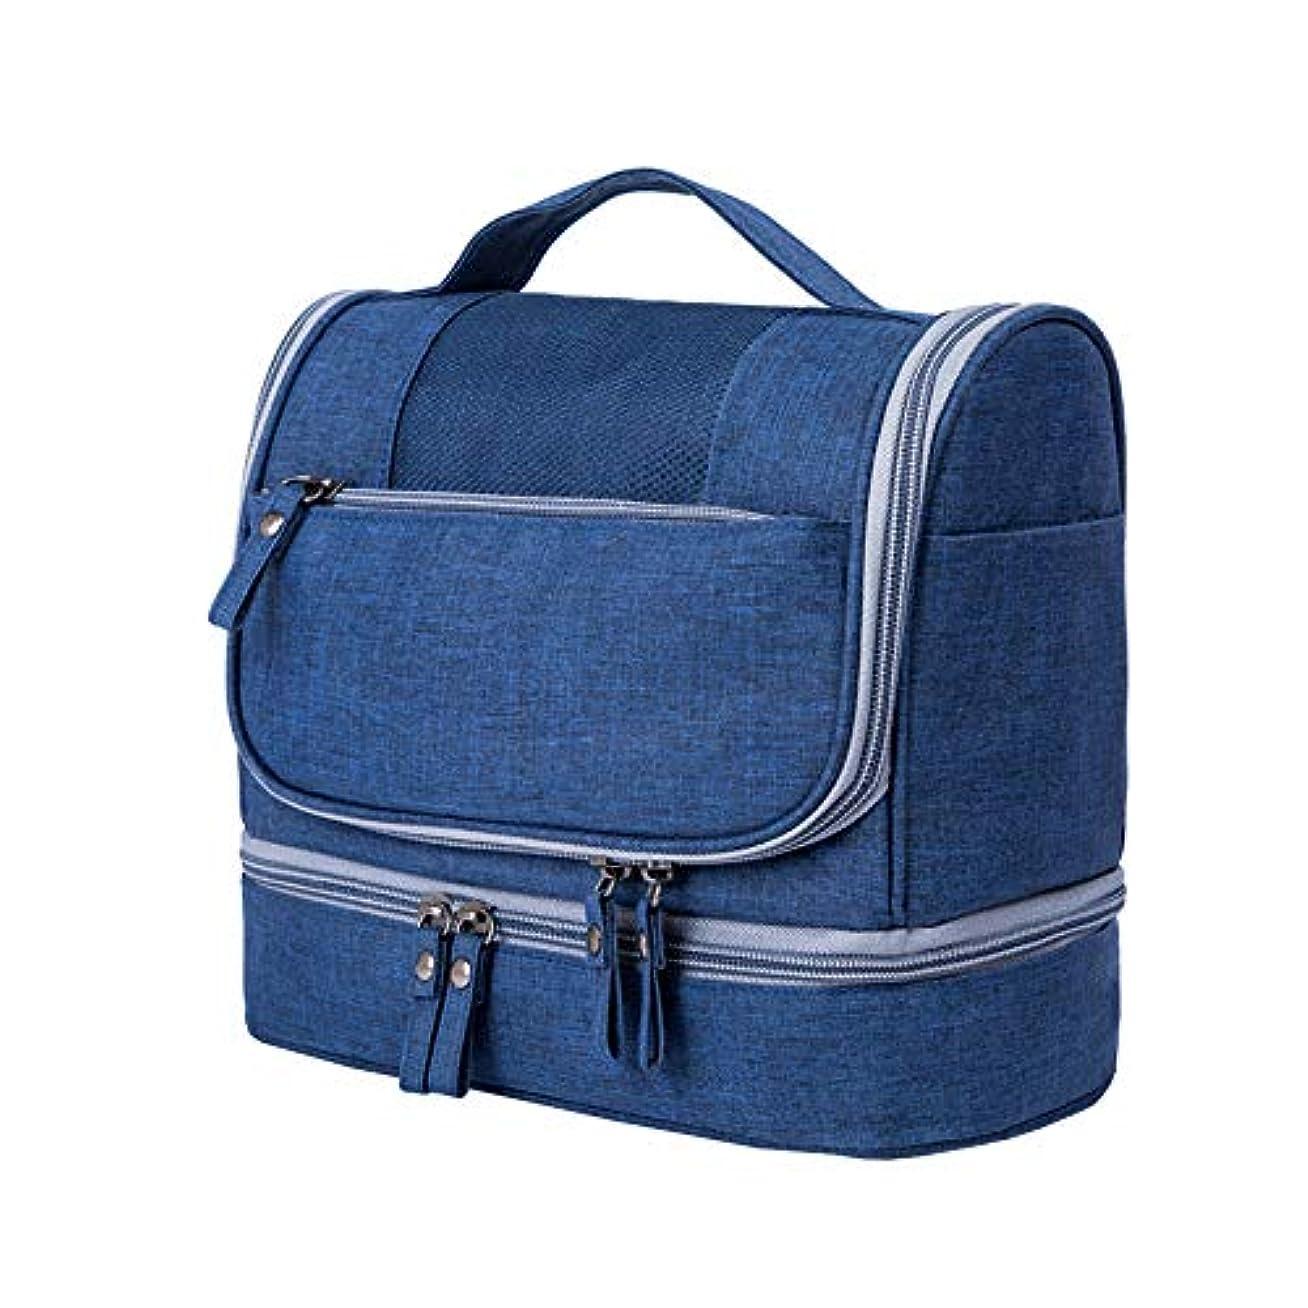 干渉する逸脱休日大型多機能トラベル化粧品袋のトイレタリーキットには、女性や男性ダークブルー1ダブルポータブルトラベルウォッシュバッグをデザイン